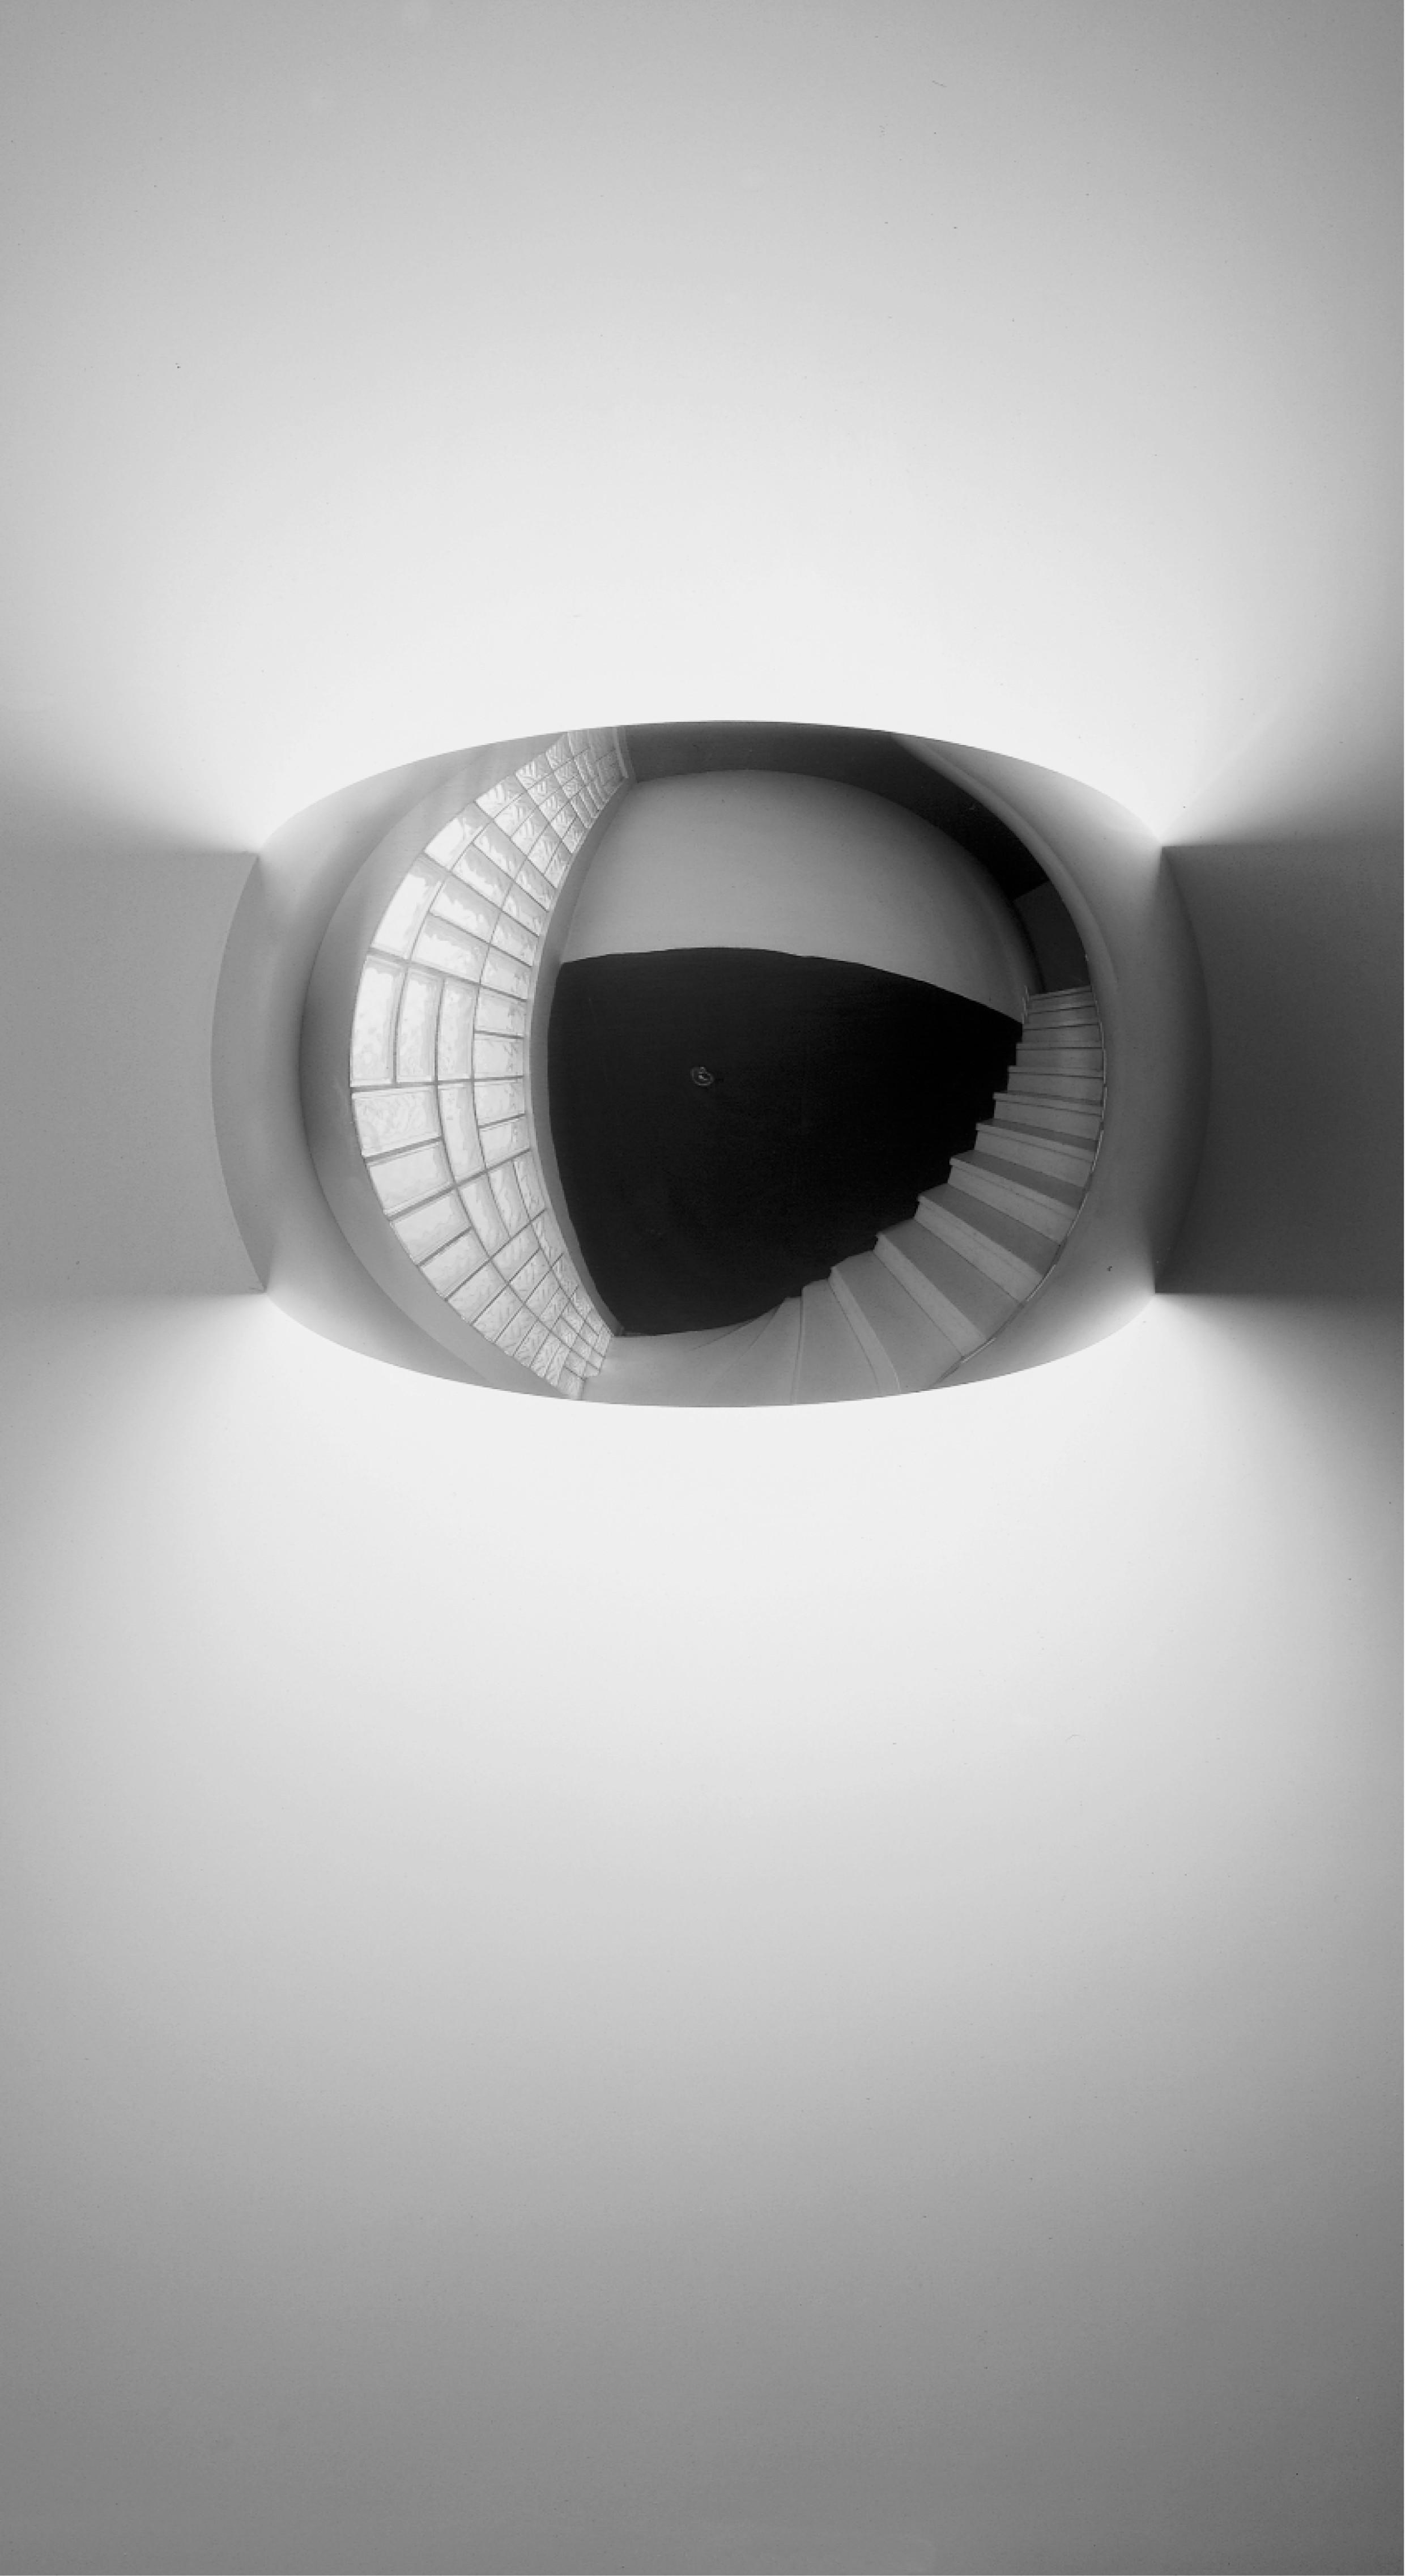 florian schulz beo wandleuchten im designleuchten shop wunschlicht online kaufen. Black Bedroom Furniture Sets. Home Design Ideas